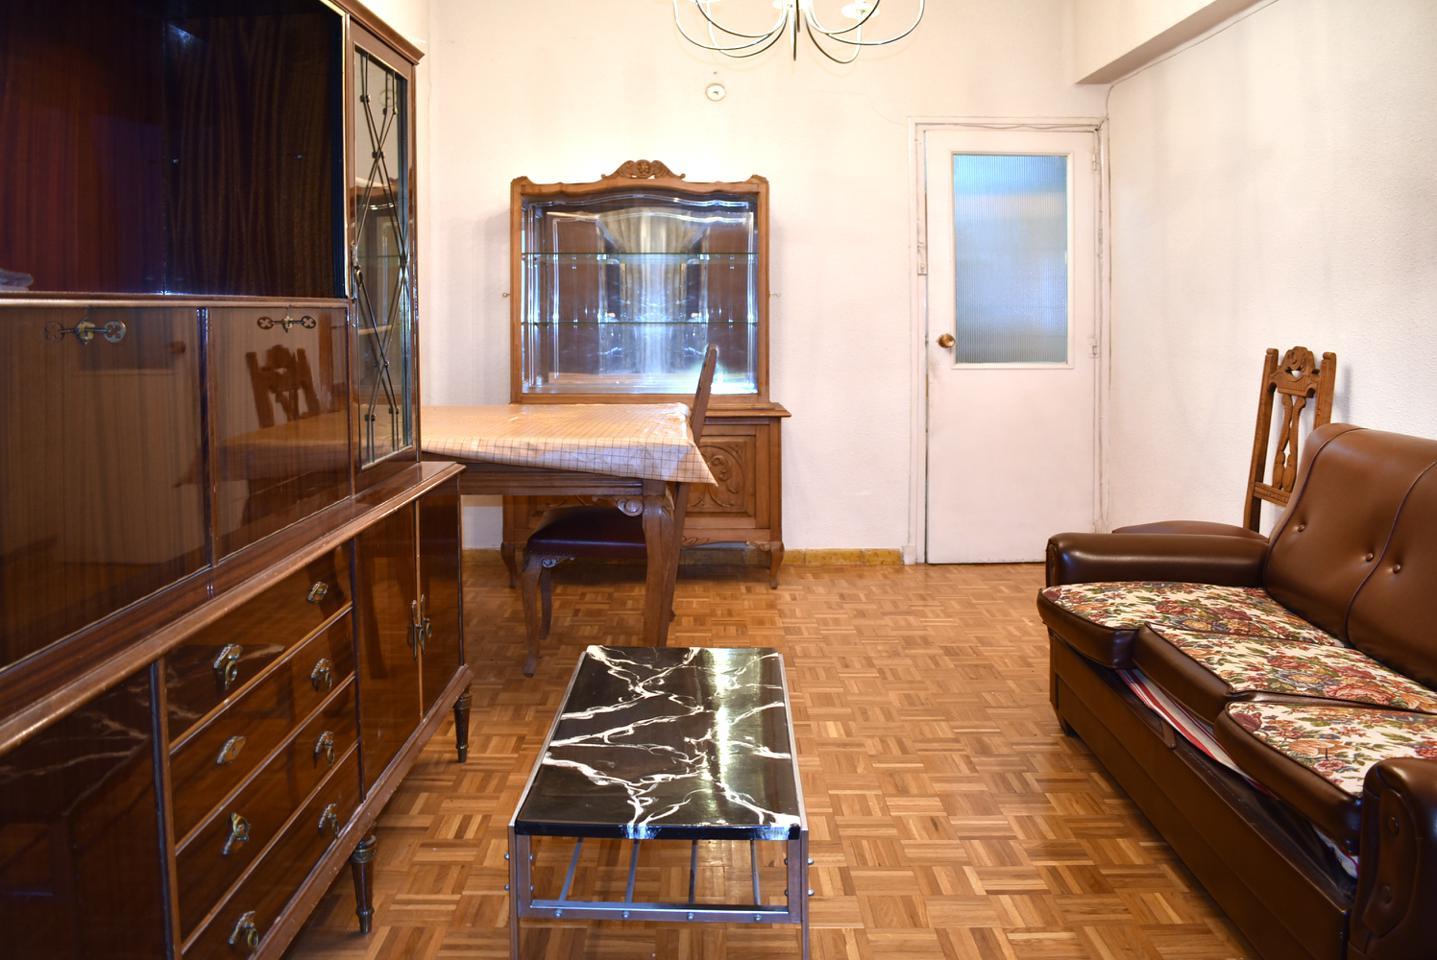 Piso en venta en Logroño de 73 m2. Ref: P02214